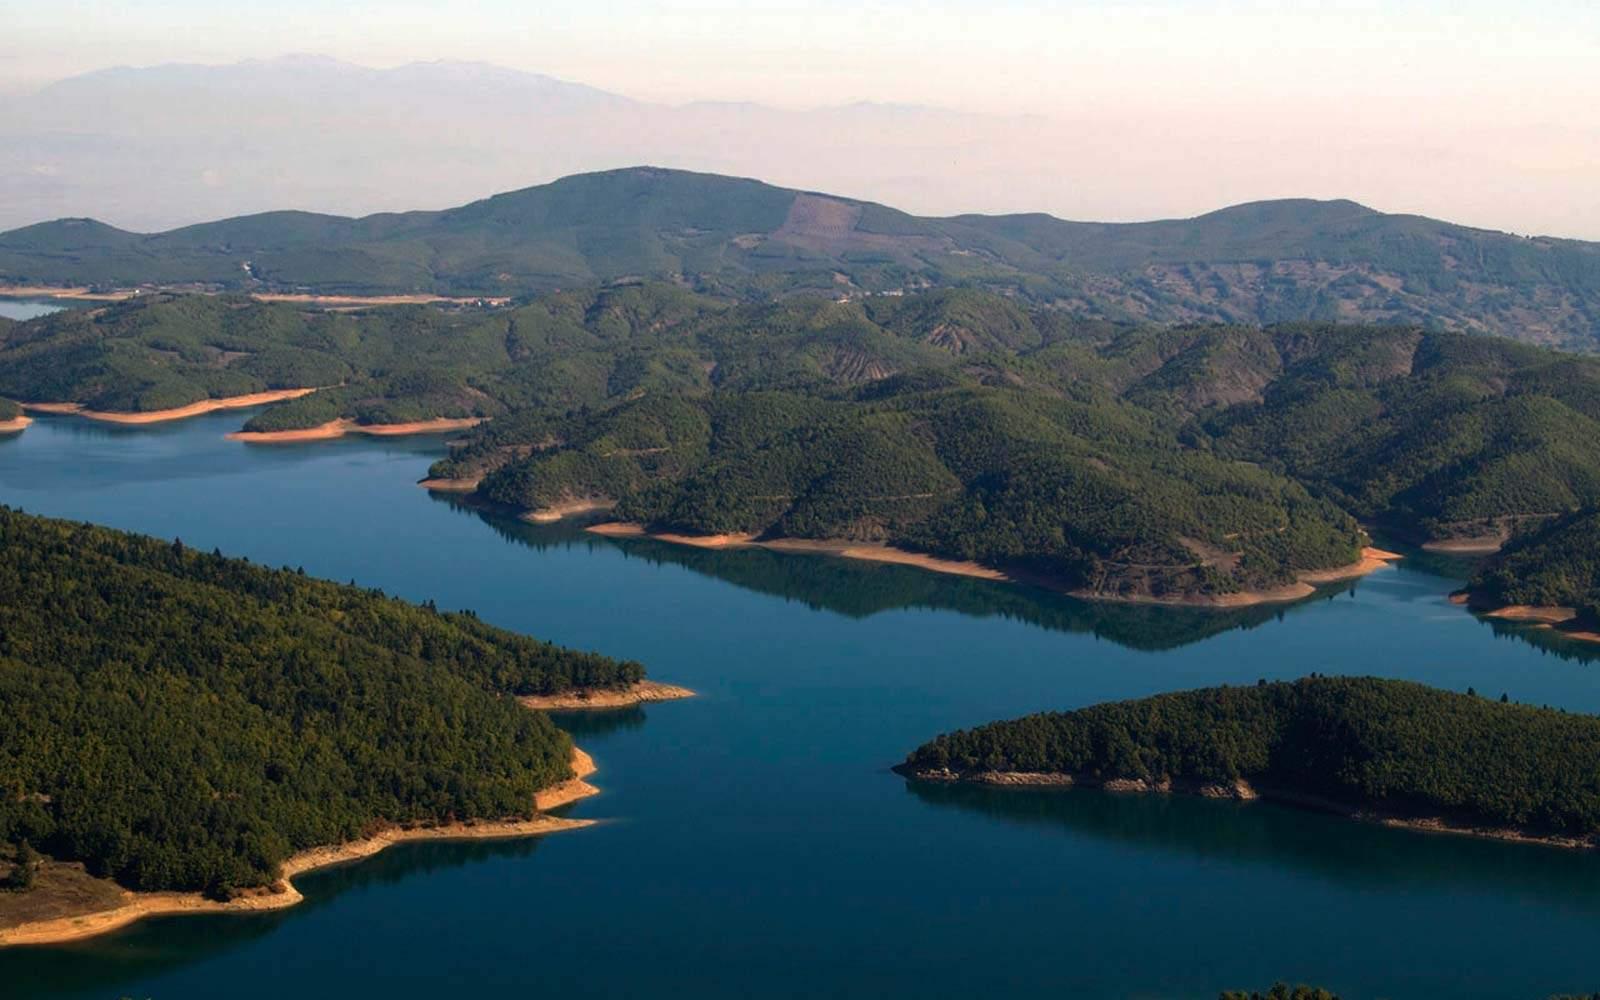 Λίμνη Πλαστήρα, Ξενοδοχείο Ναιάδες: Λίμνη Πλαστήρα ξενοδοχεία δωμάτια τζάκι  Νεοχώρι Καρδίτσα